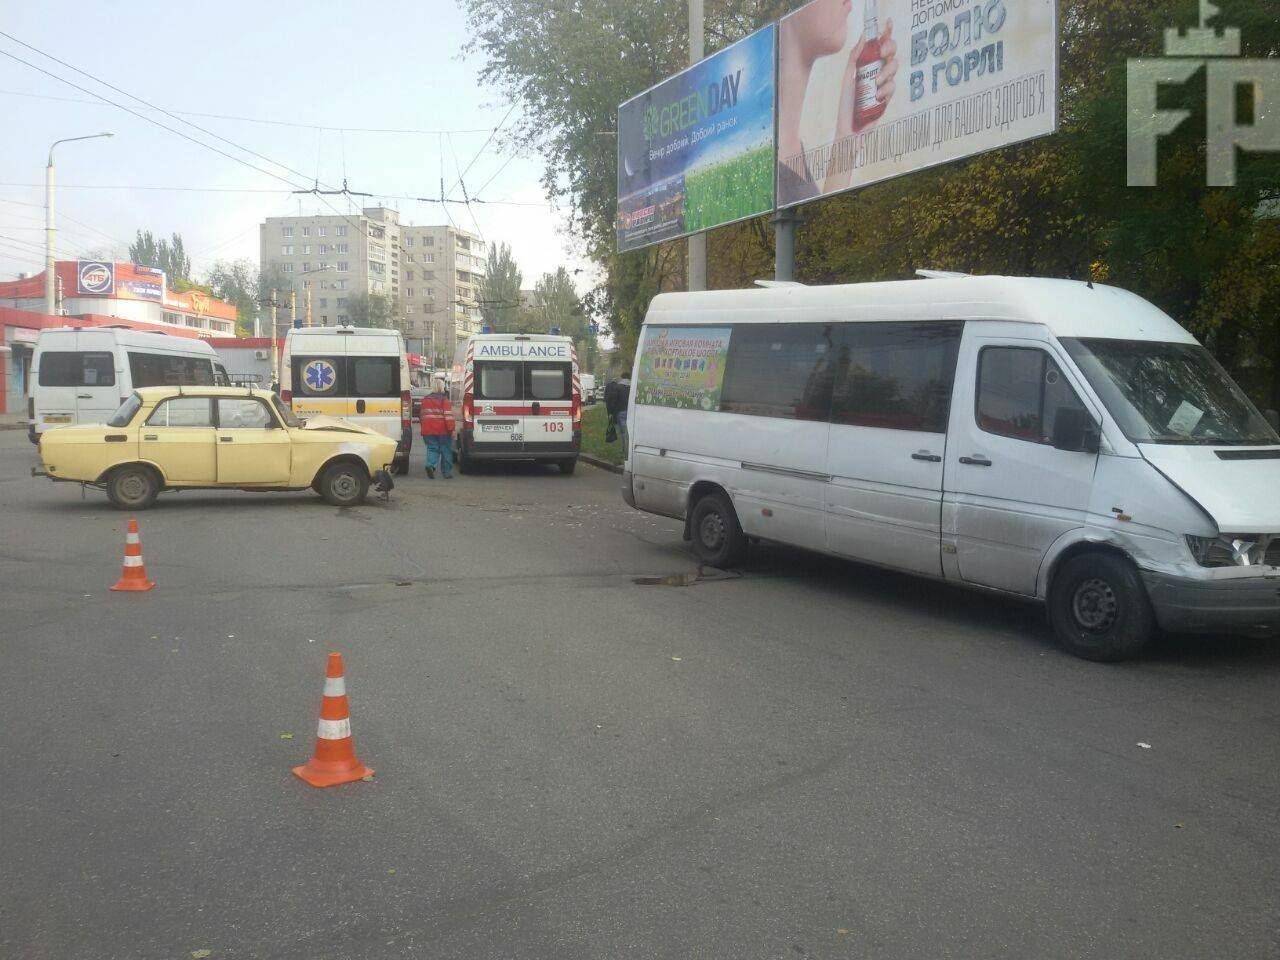 В Запорожье маршрутка столкнулась с легковушкой: есть пострадавшие, - ФОТО, фото-1